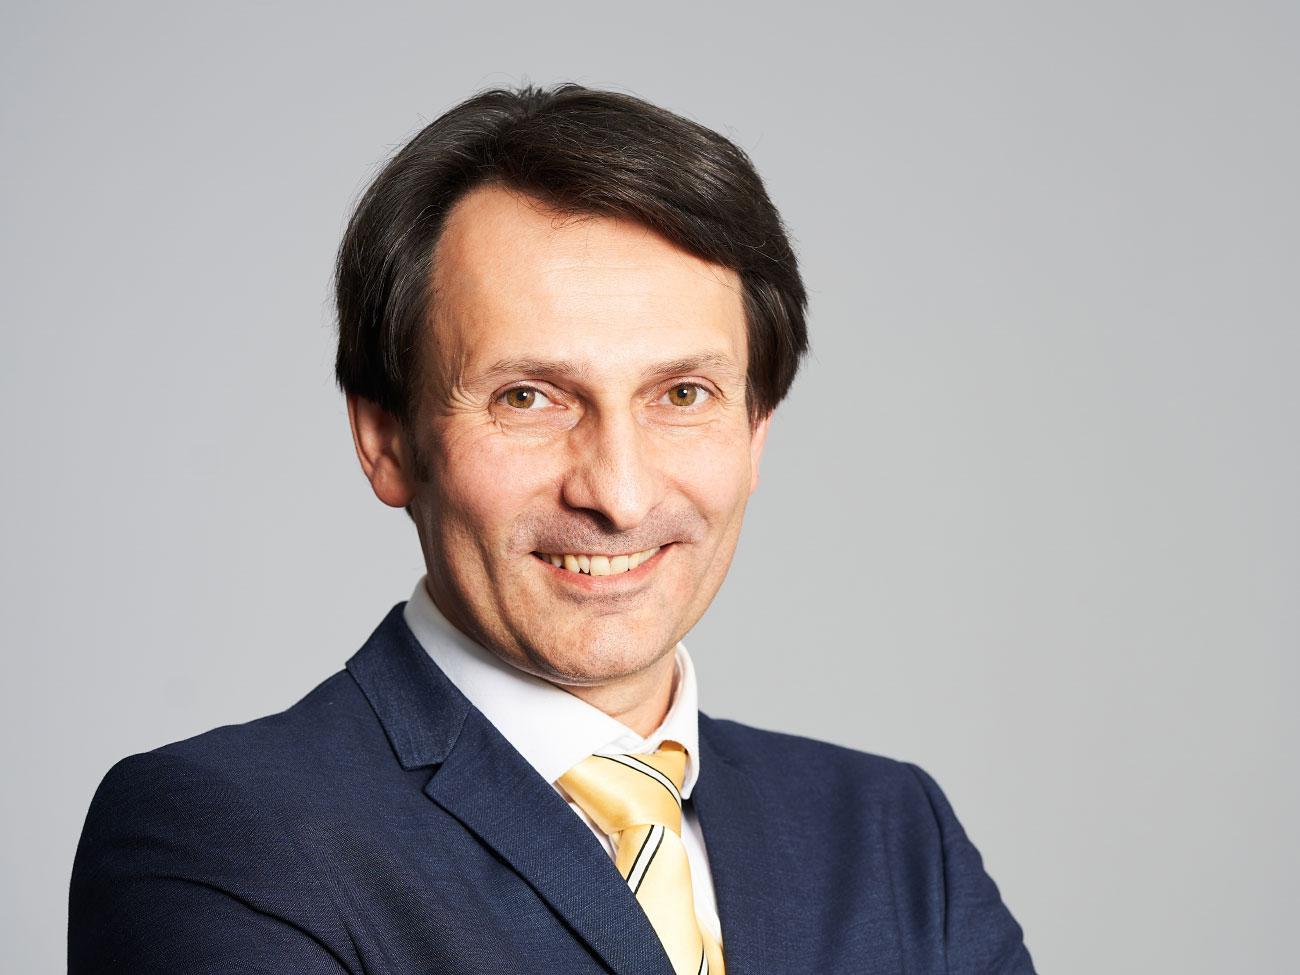 Ing. Robert Giesa